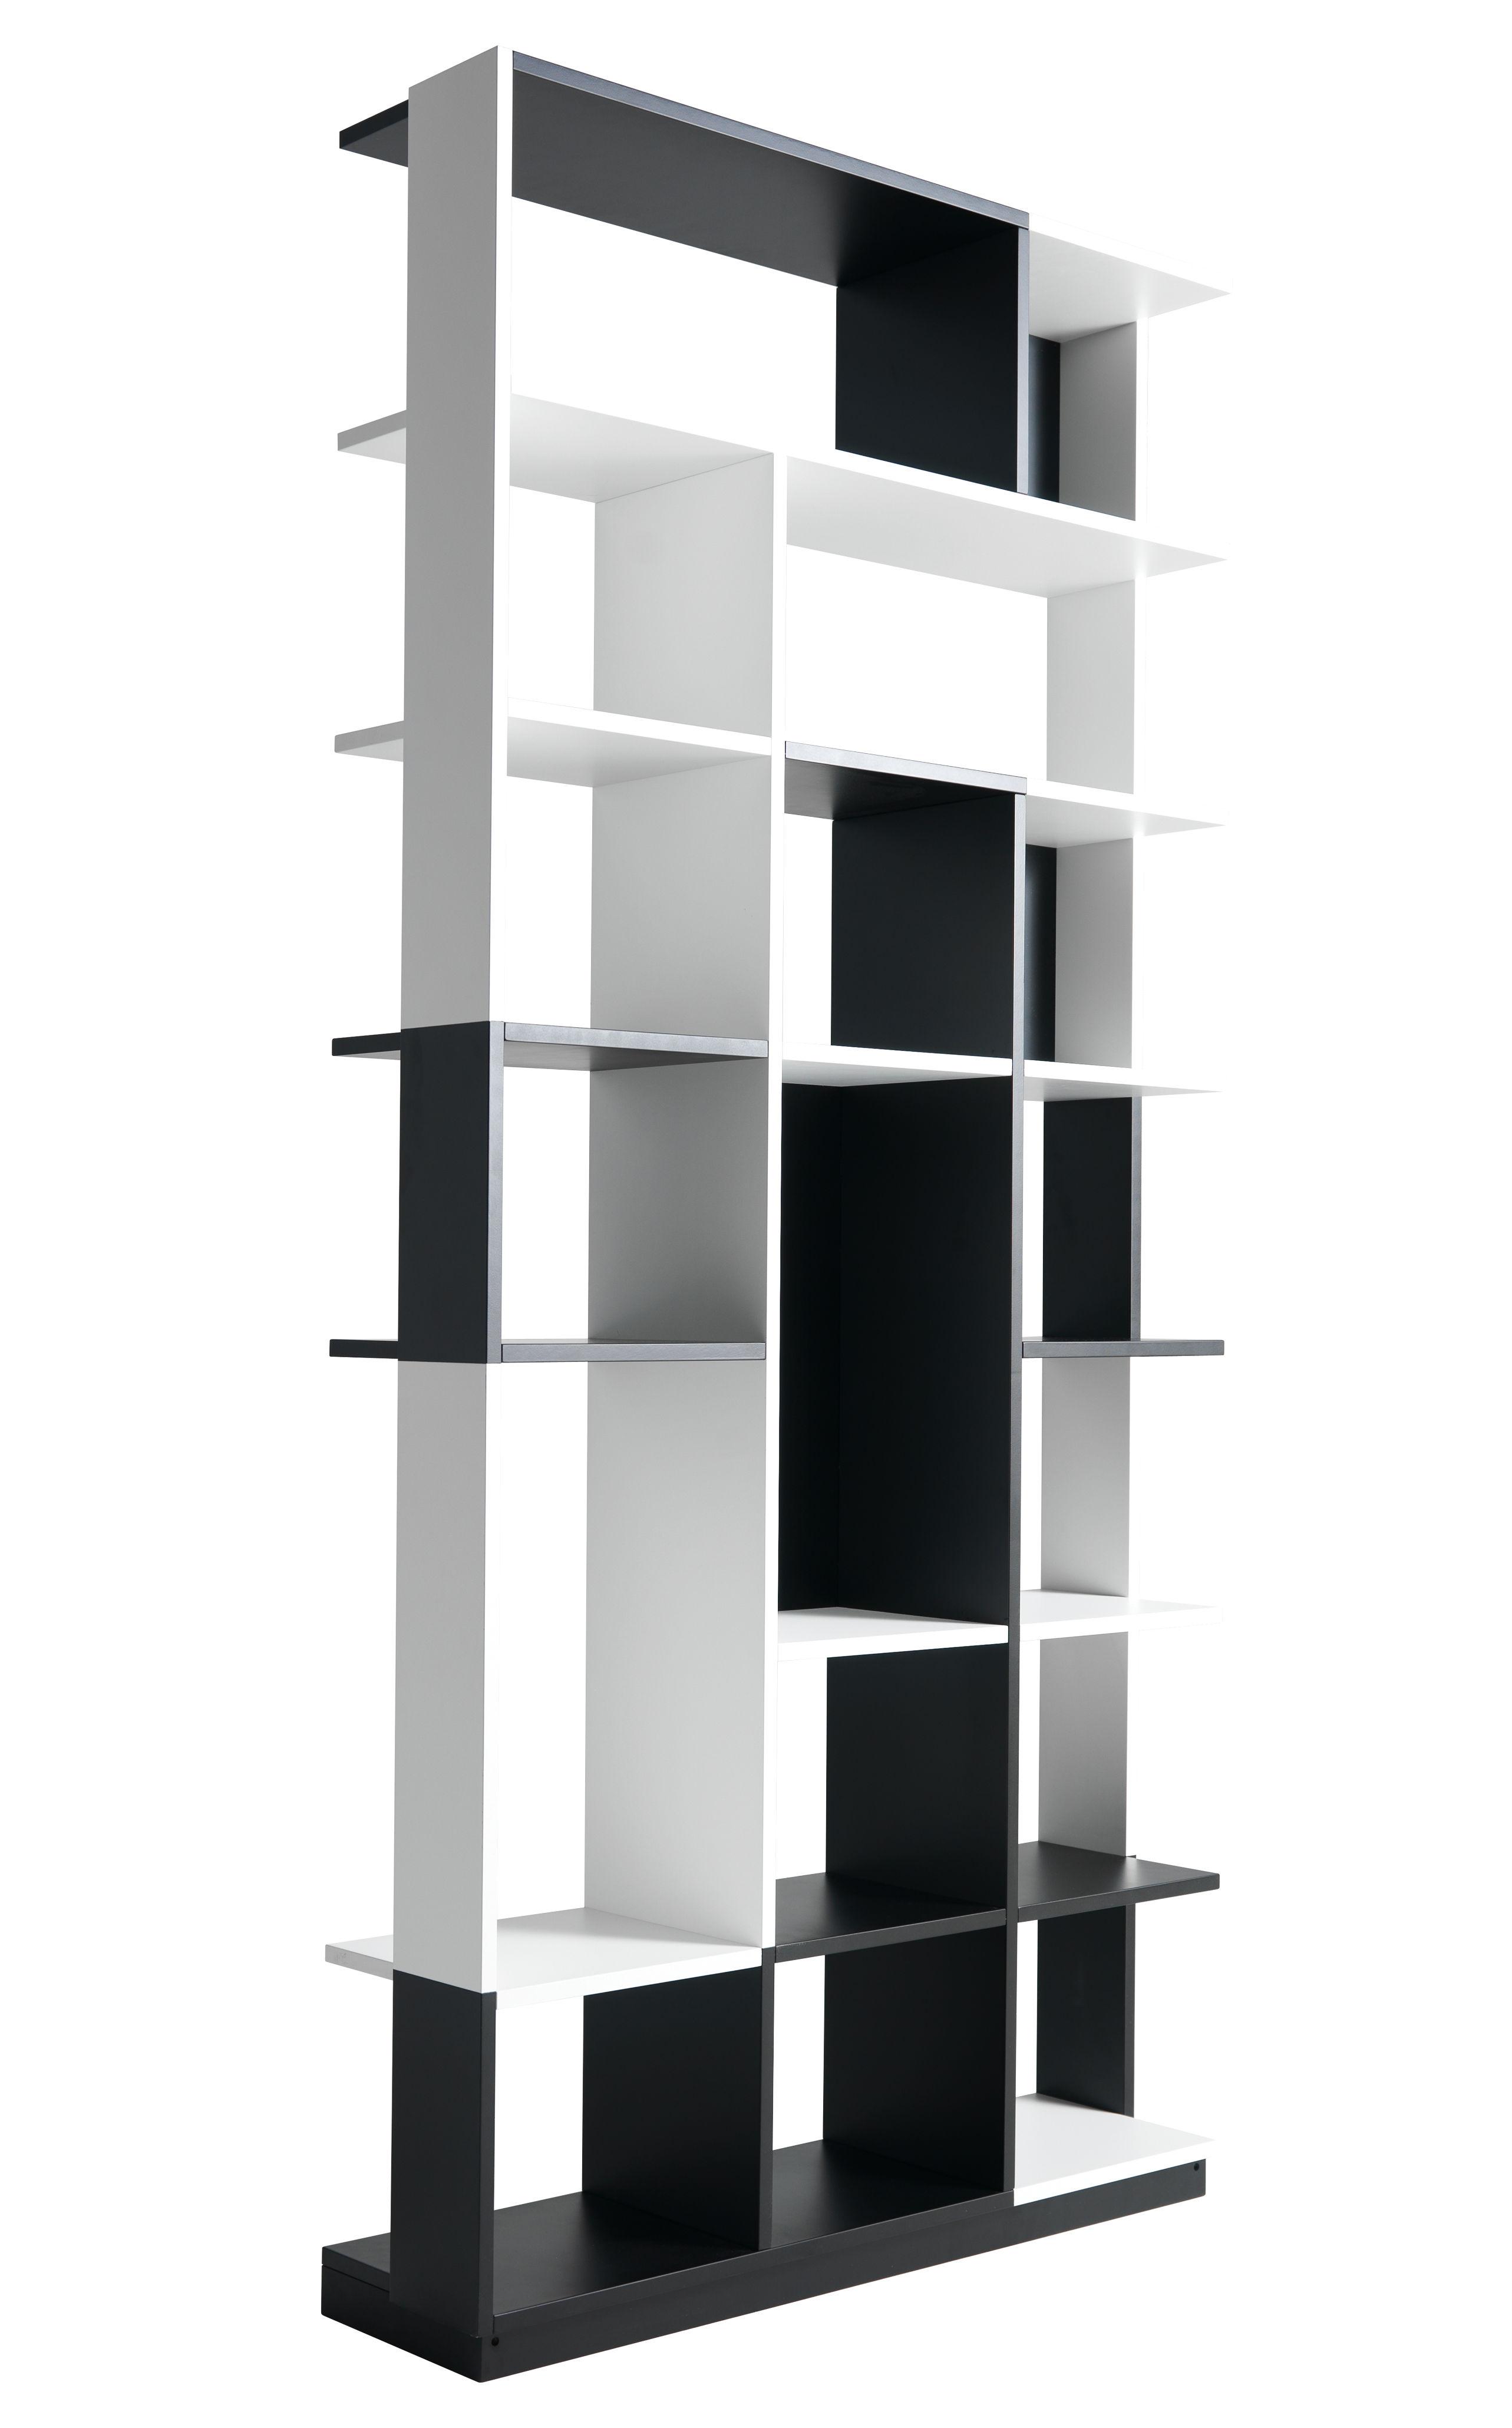 Arredamento - Scaffali e librerie - Libreria Sudoku di Horm - Nero e bianco - Compensato di legno laccato